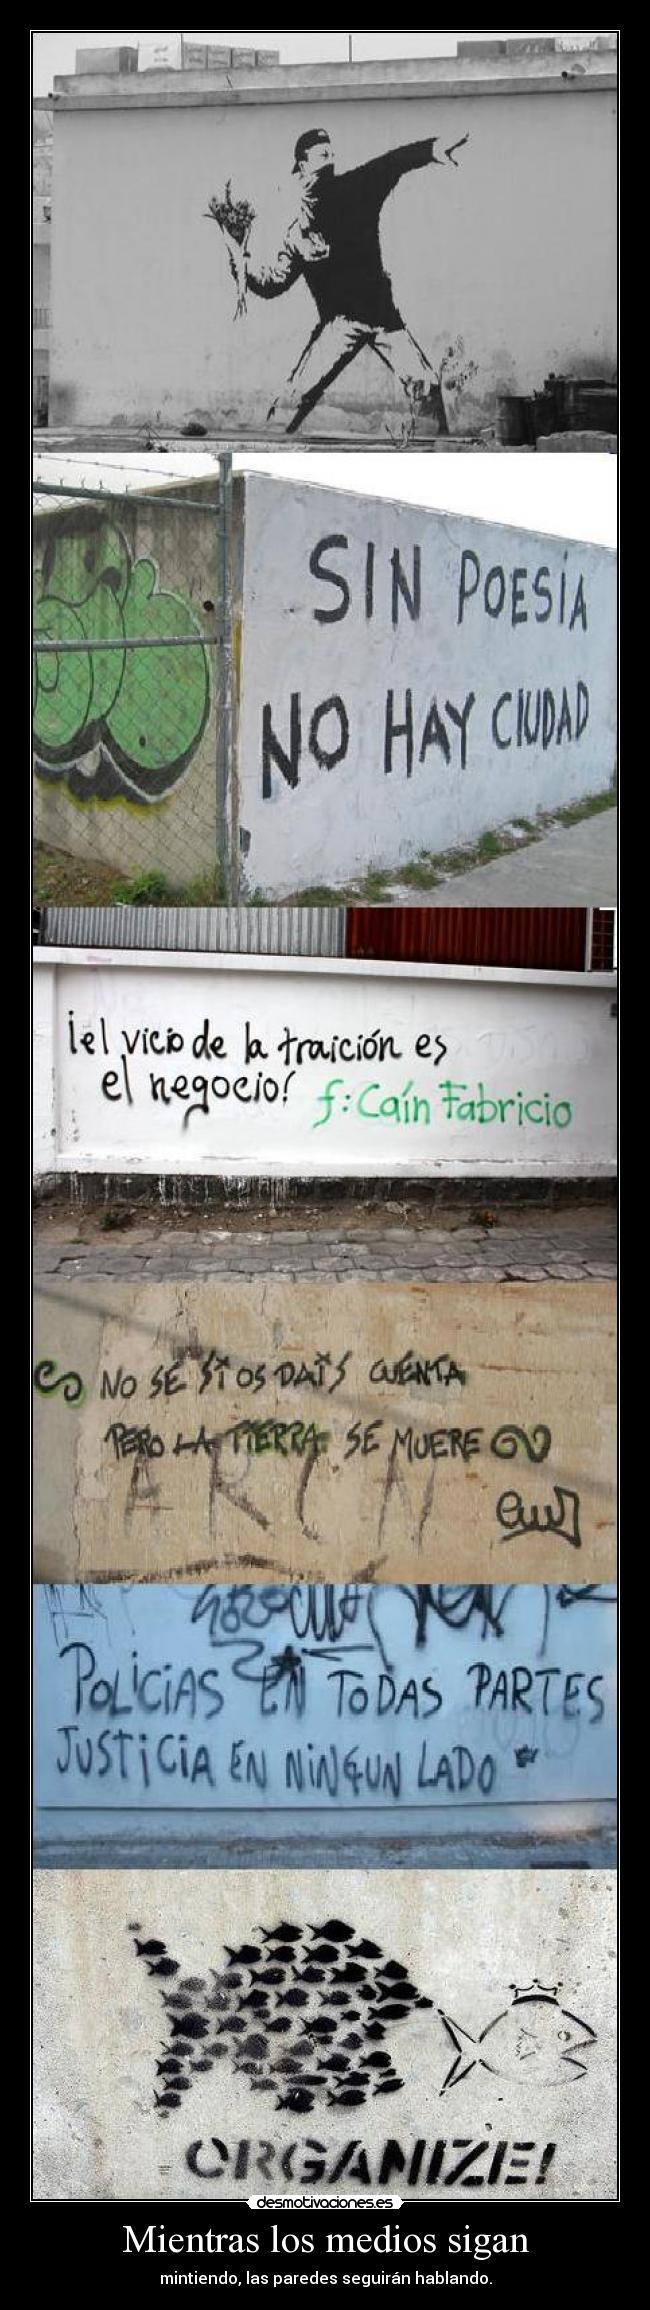 http://img.desmotivaciones.es/201012/mientraslosmediossiganmintiendolasparedesseguirnhablando.jpg